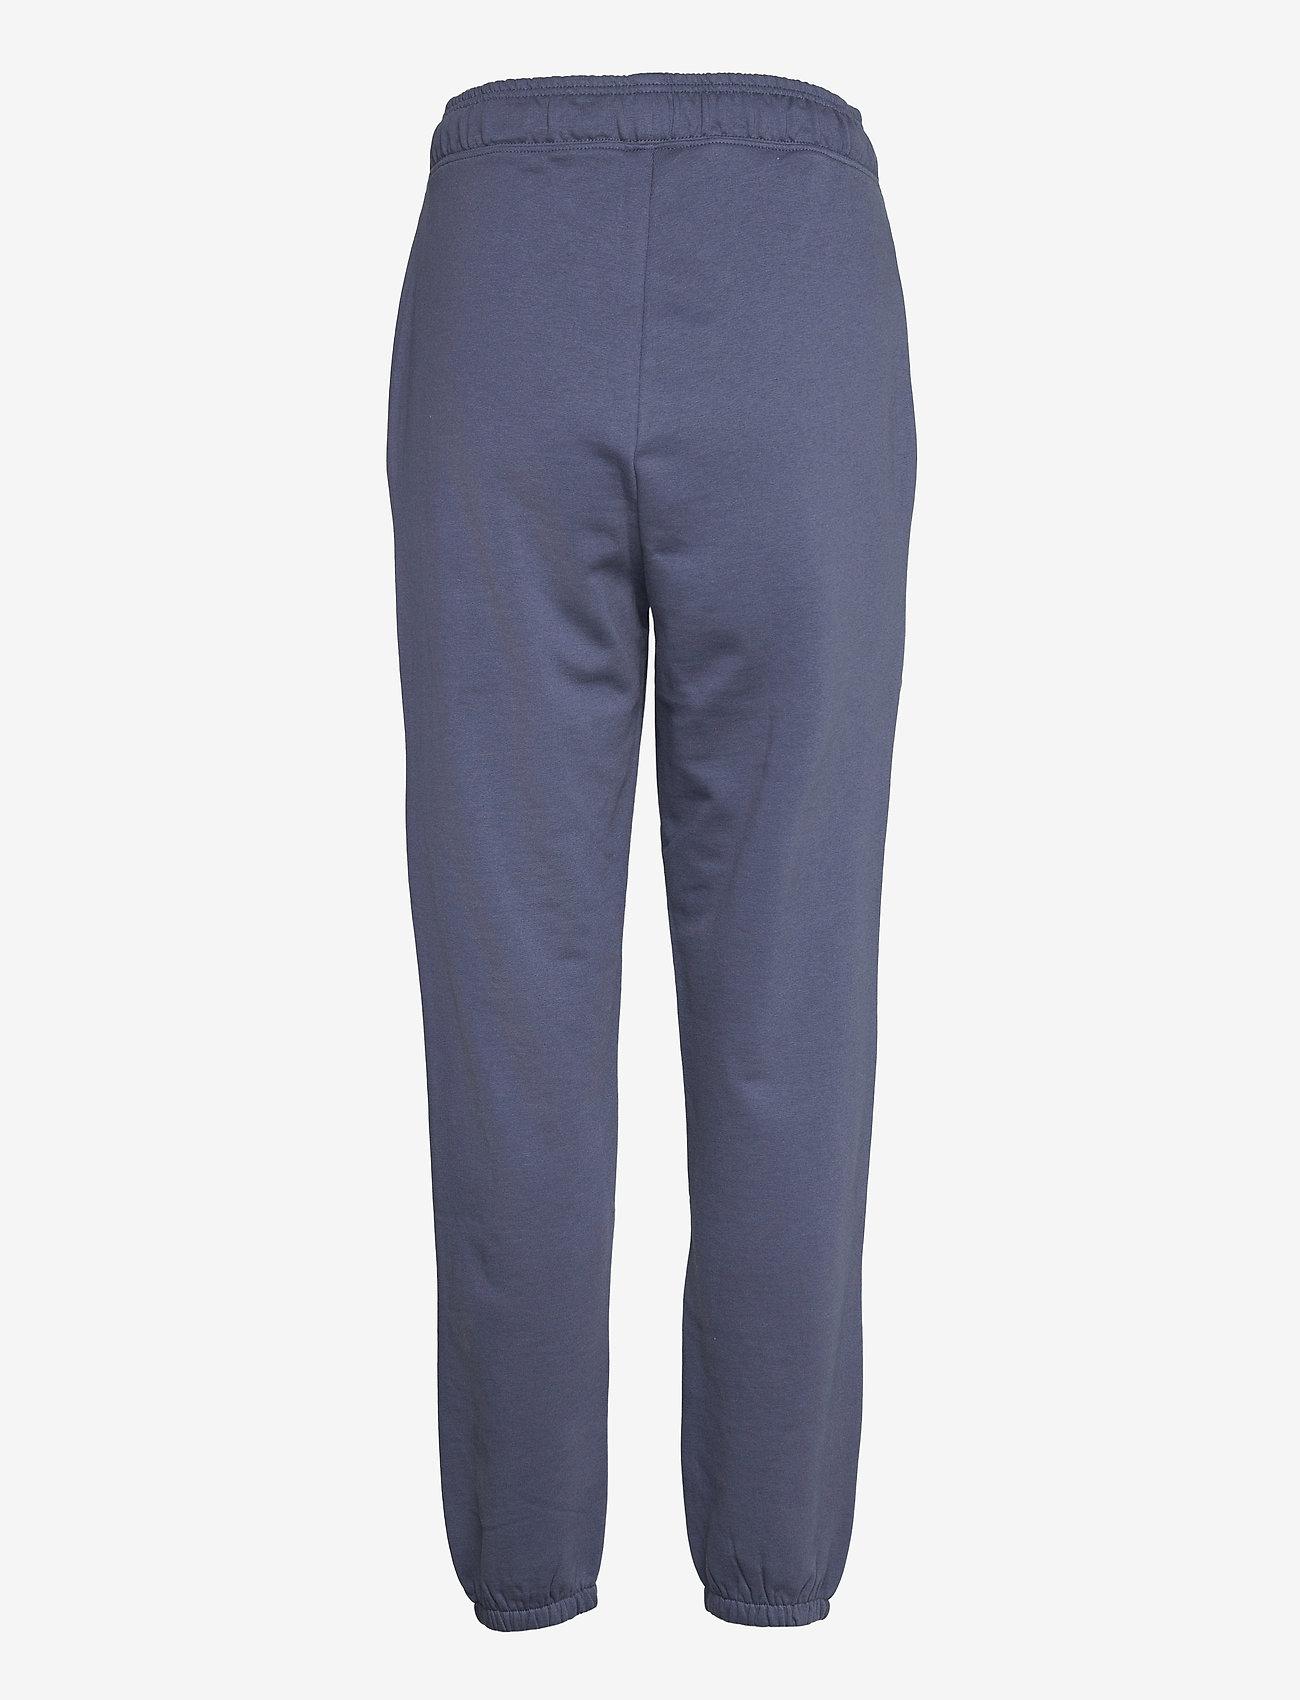 Vero Moda - VMODEZ HW SWEAT PANTS VMA - kläder - vintage indigo - 1